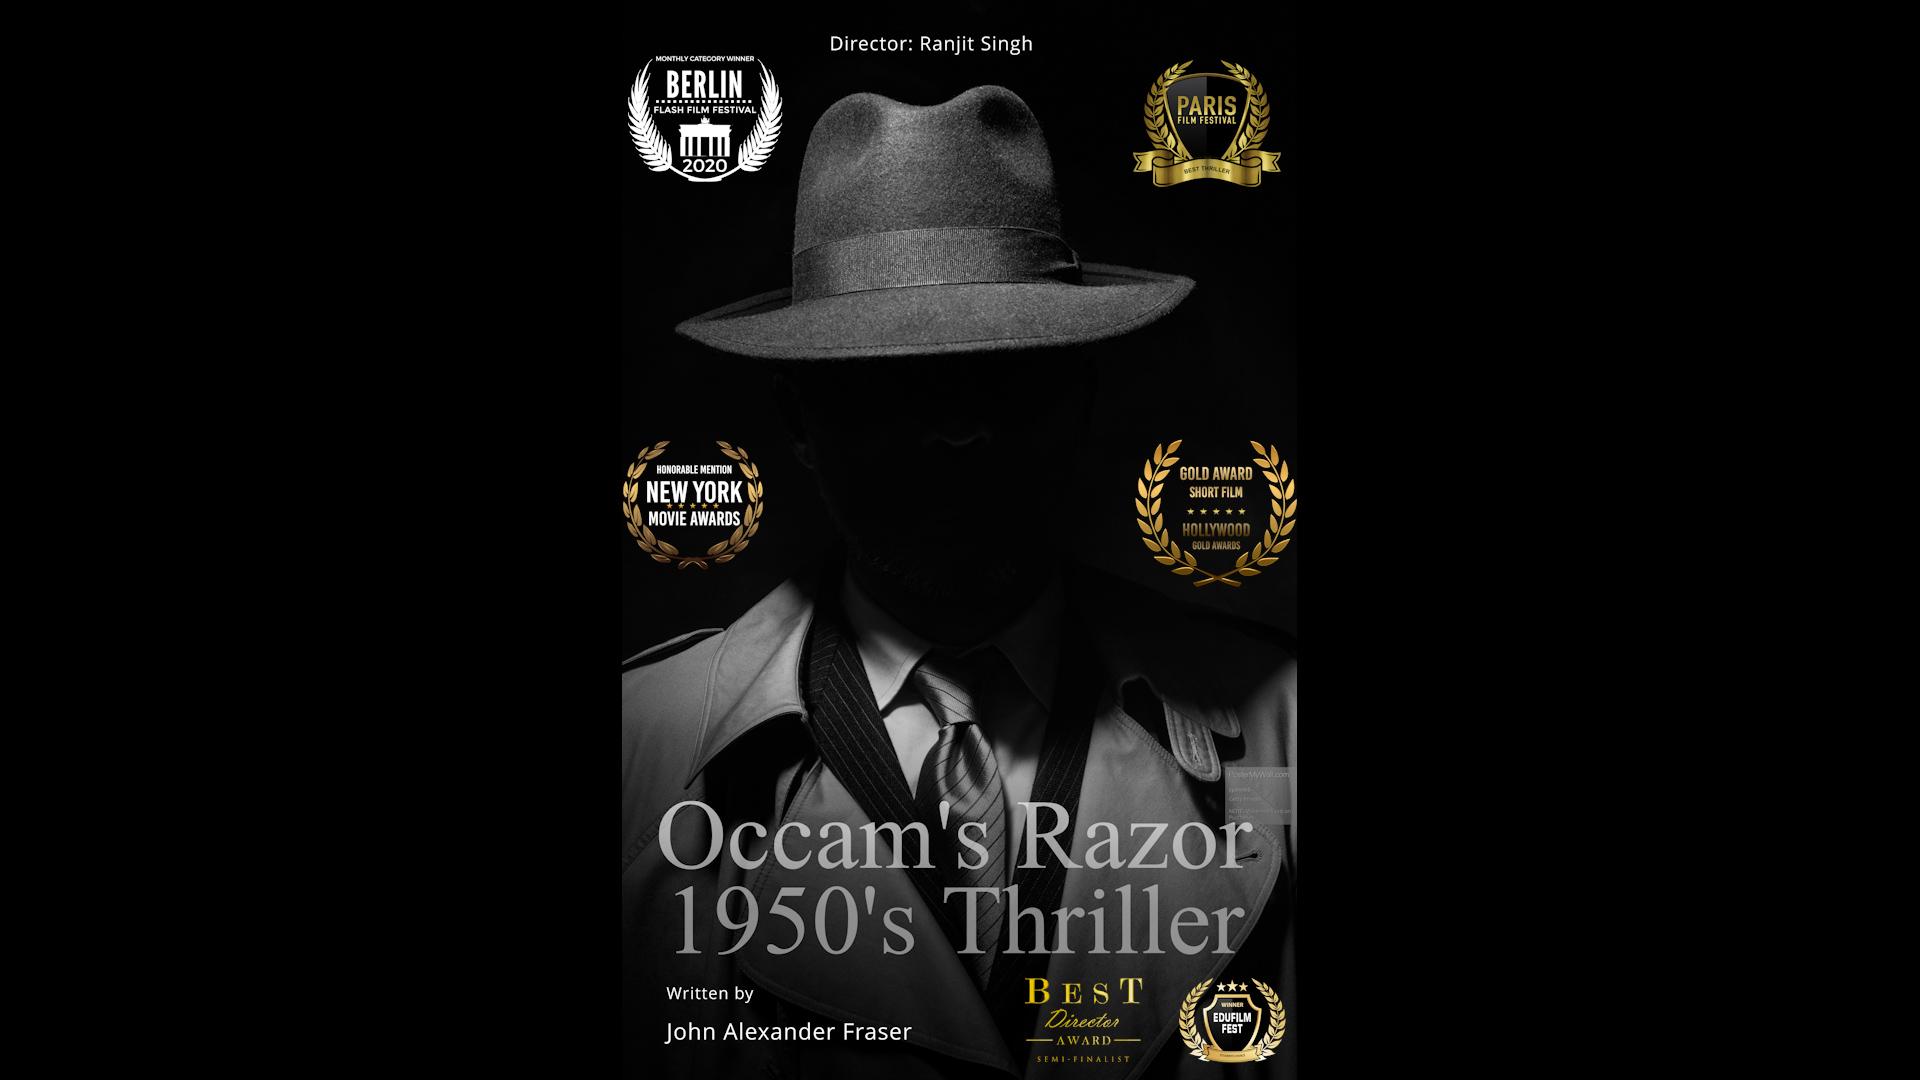 Occam's Razor-Short Film 1950's